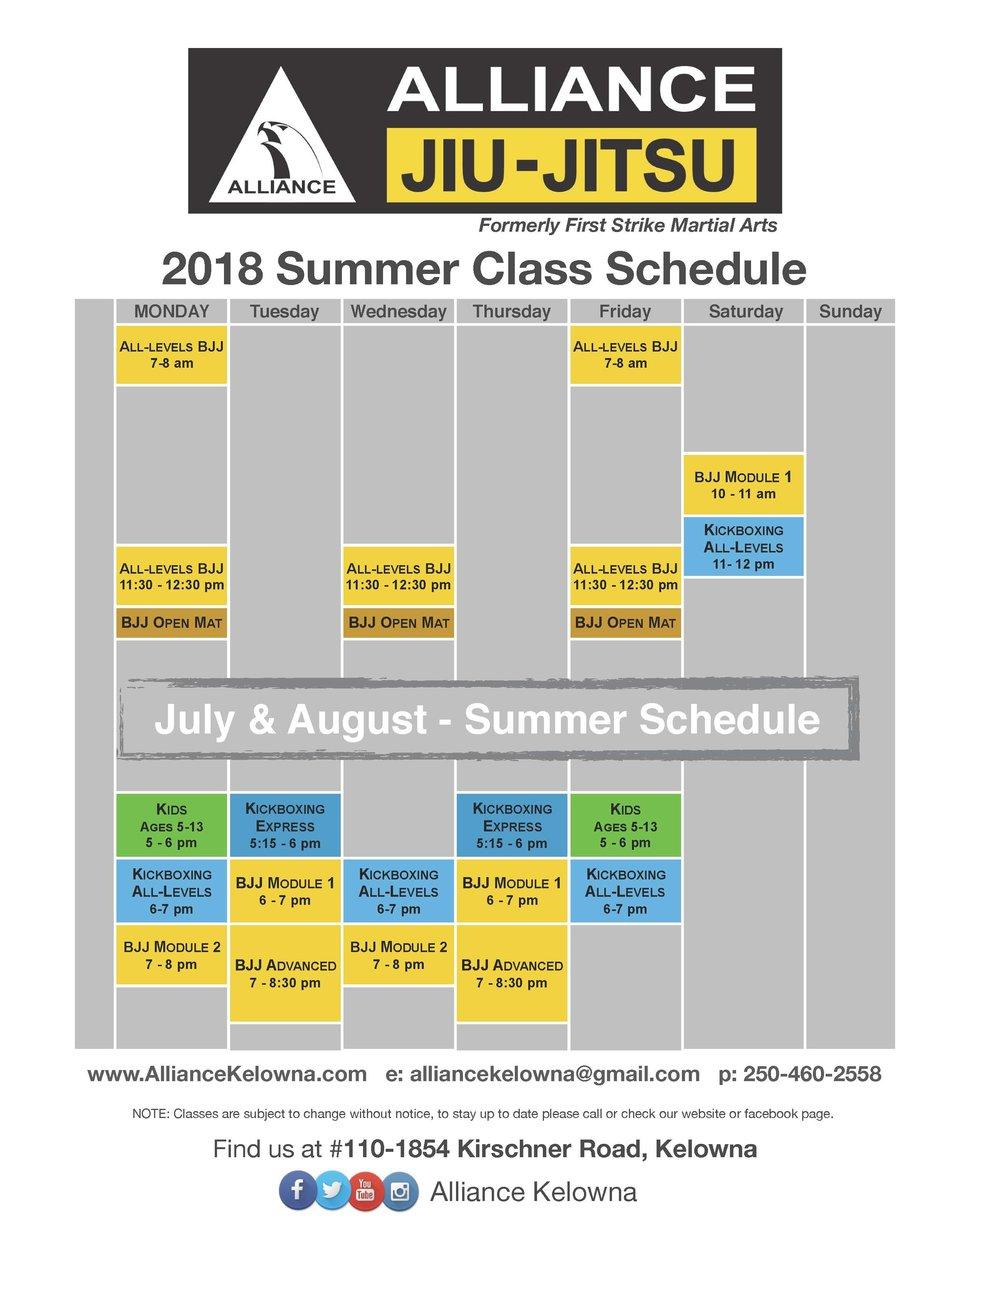 2018 Alliance Summer Schedule.jpg